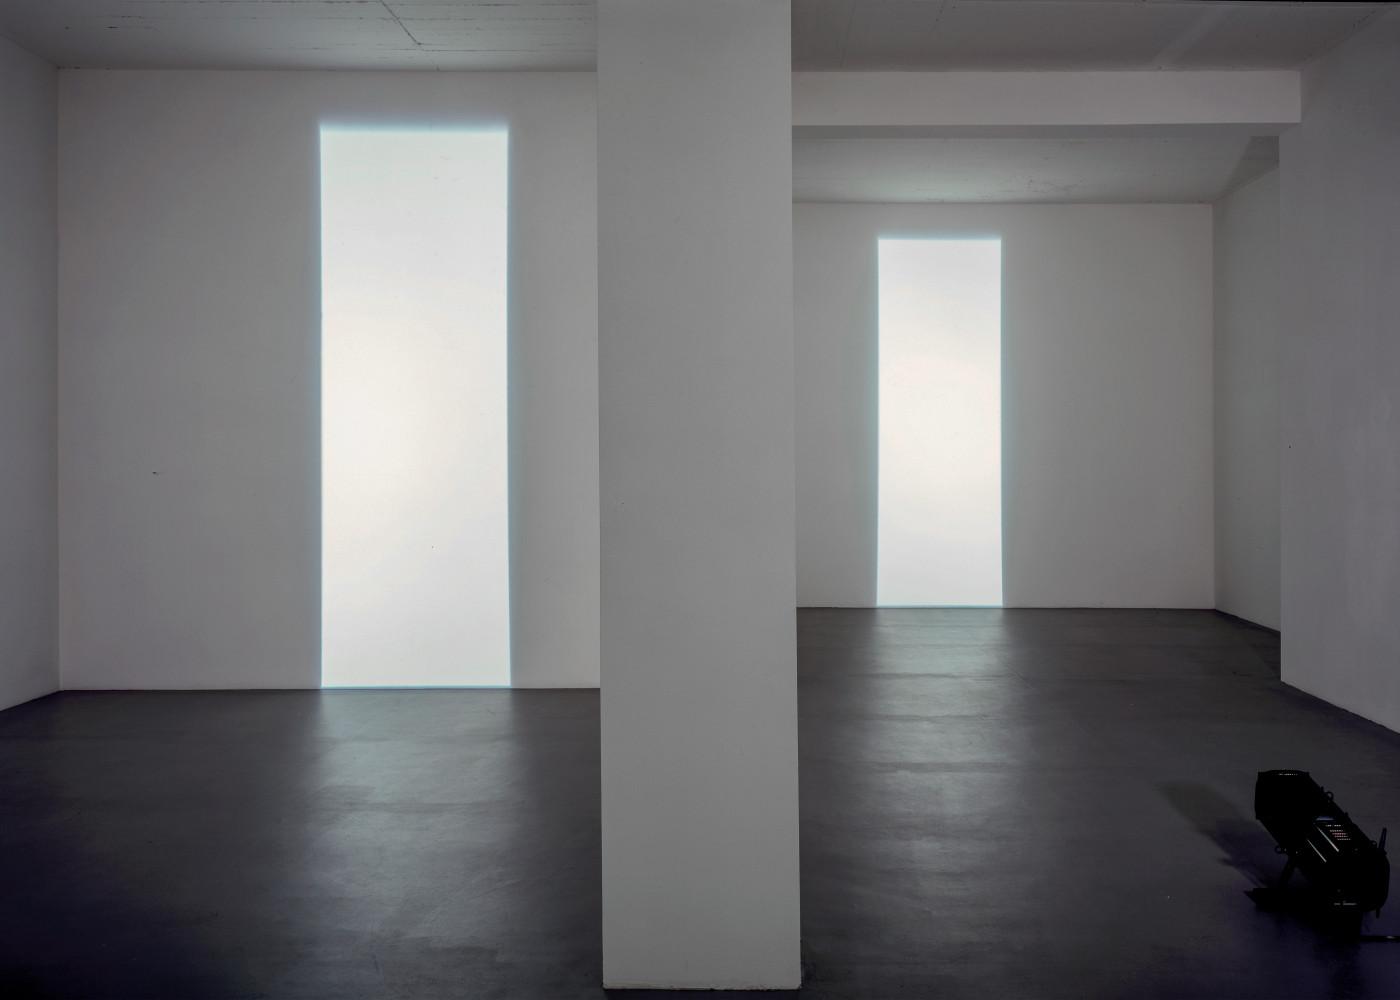 'Michael Verjux, Découpe', 1997